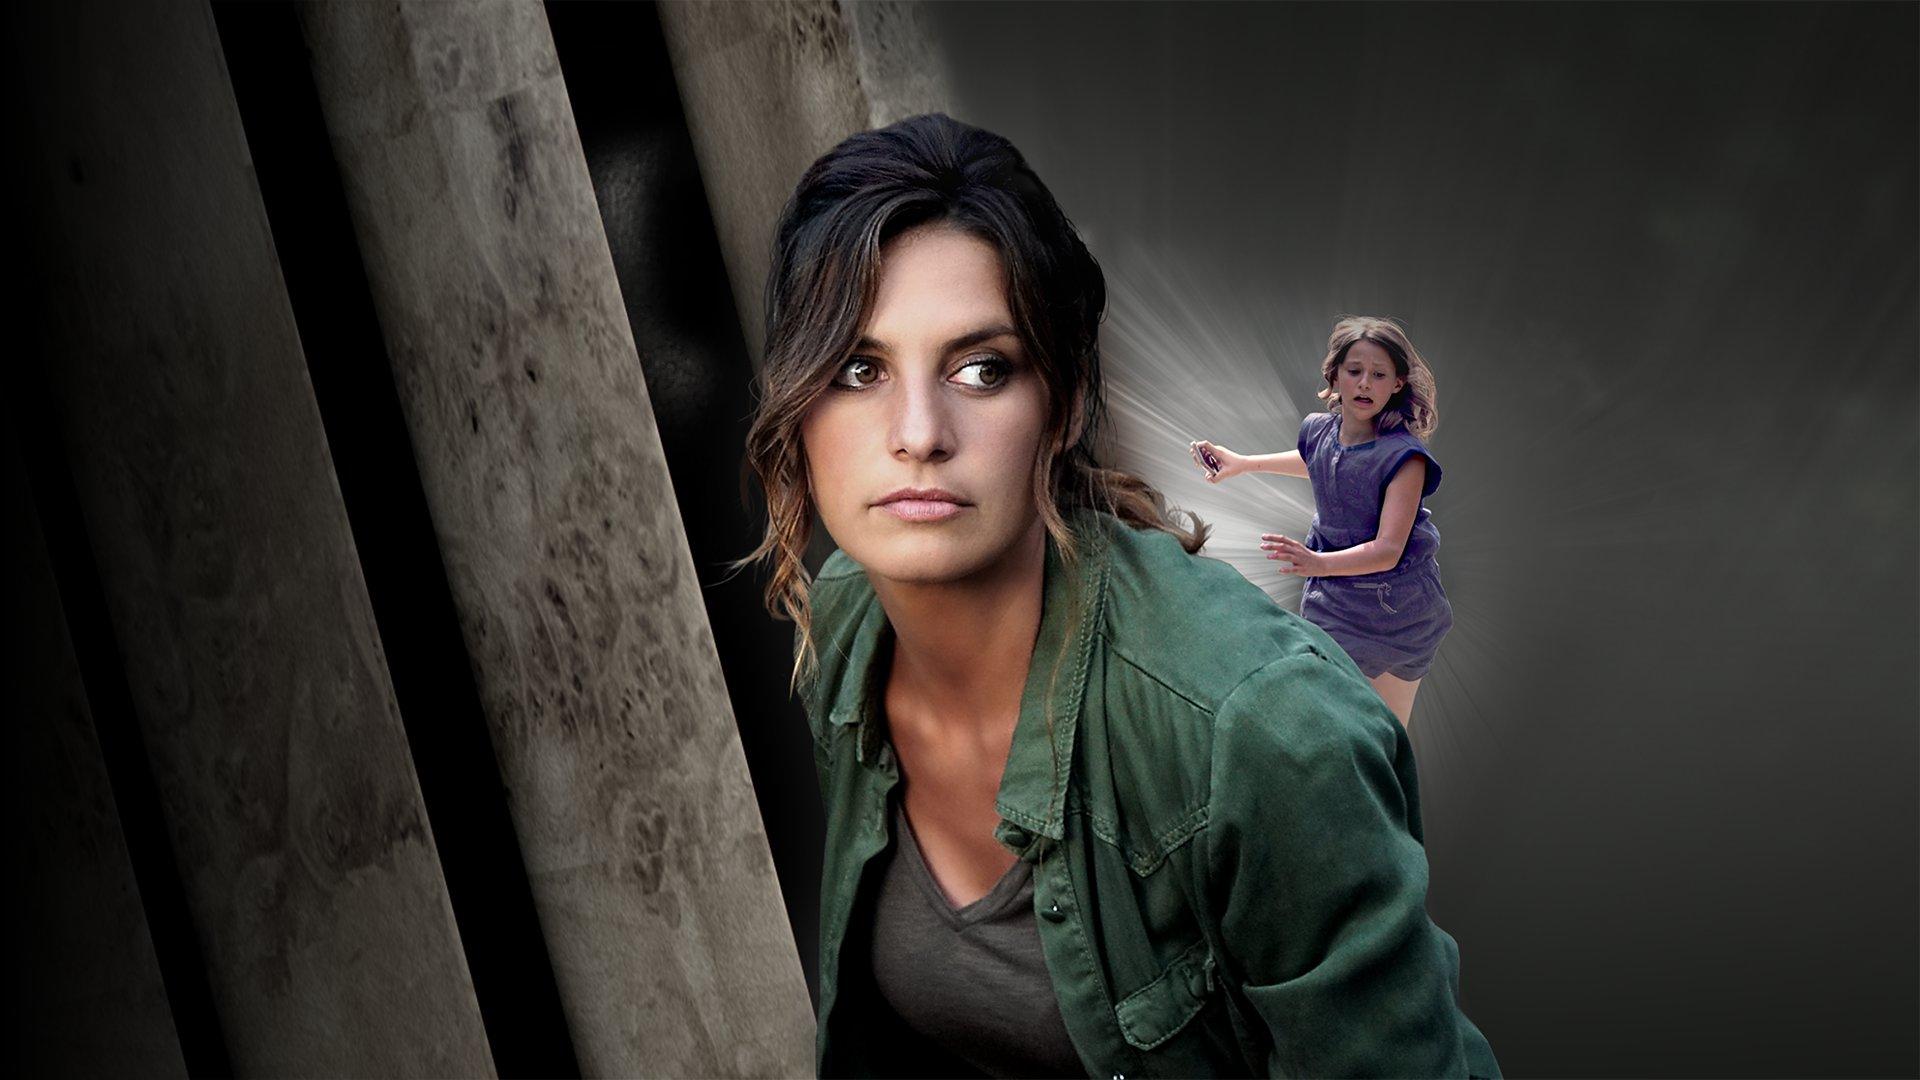 fond La vengeance aux yeux clairs - S01 E04 - L'ombre d'un doute